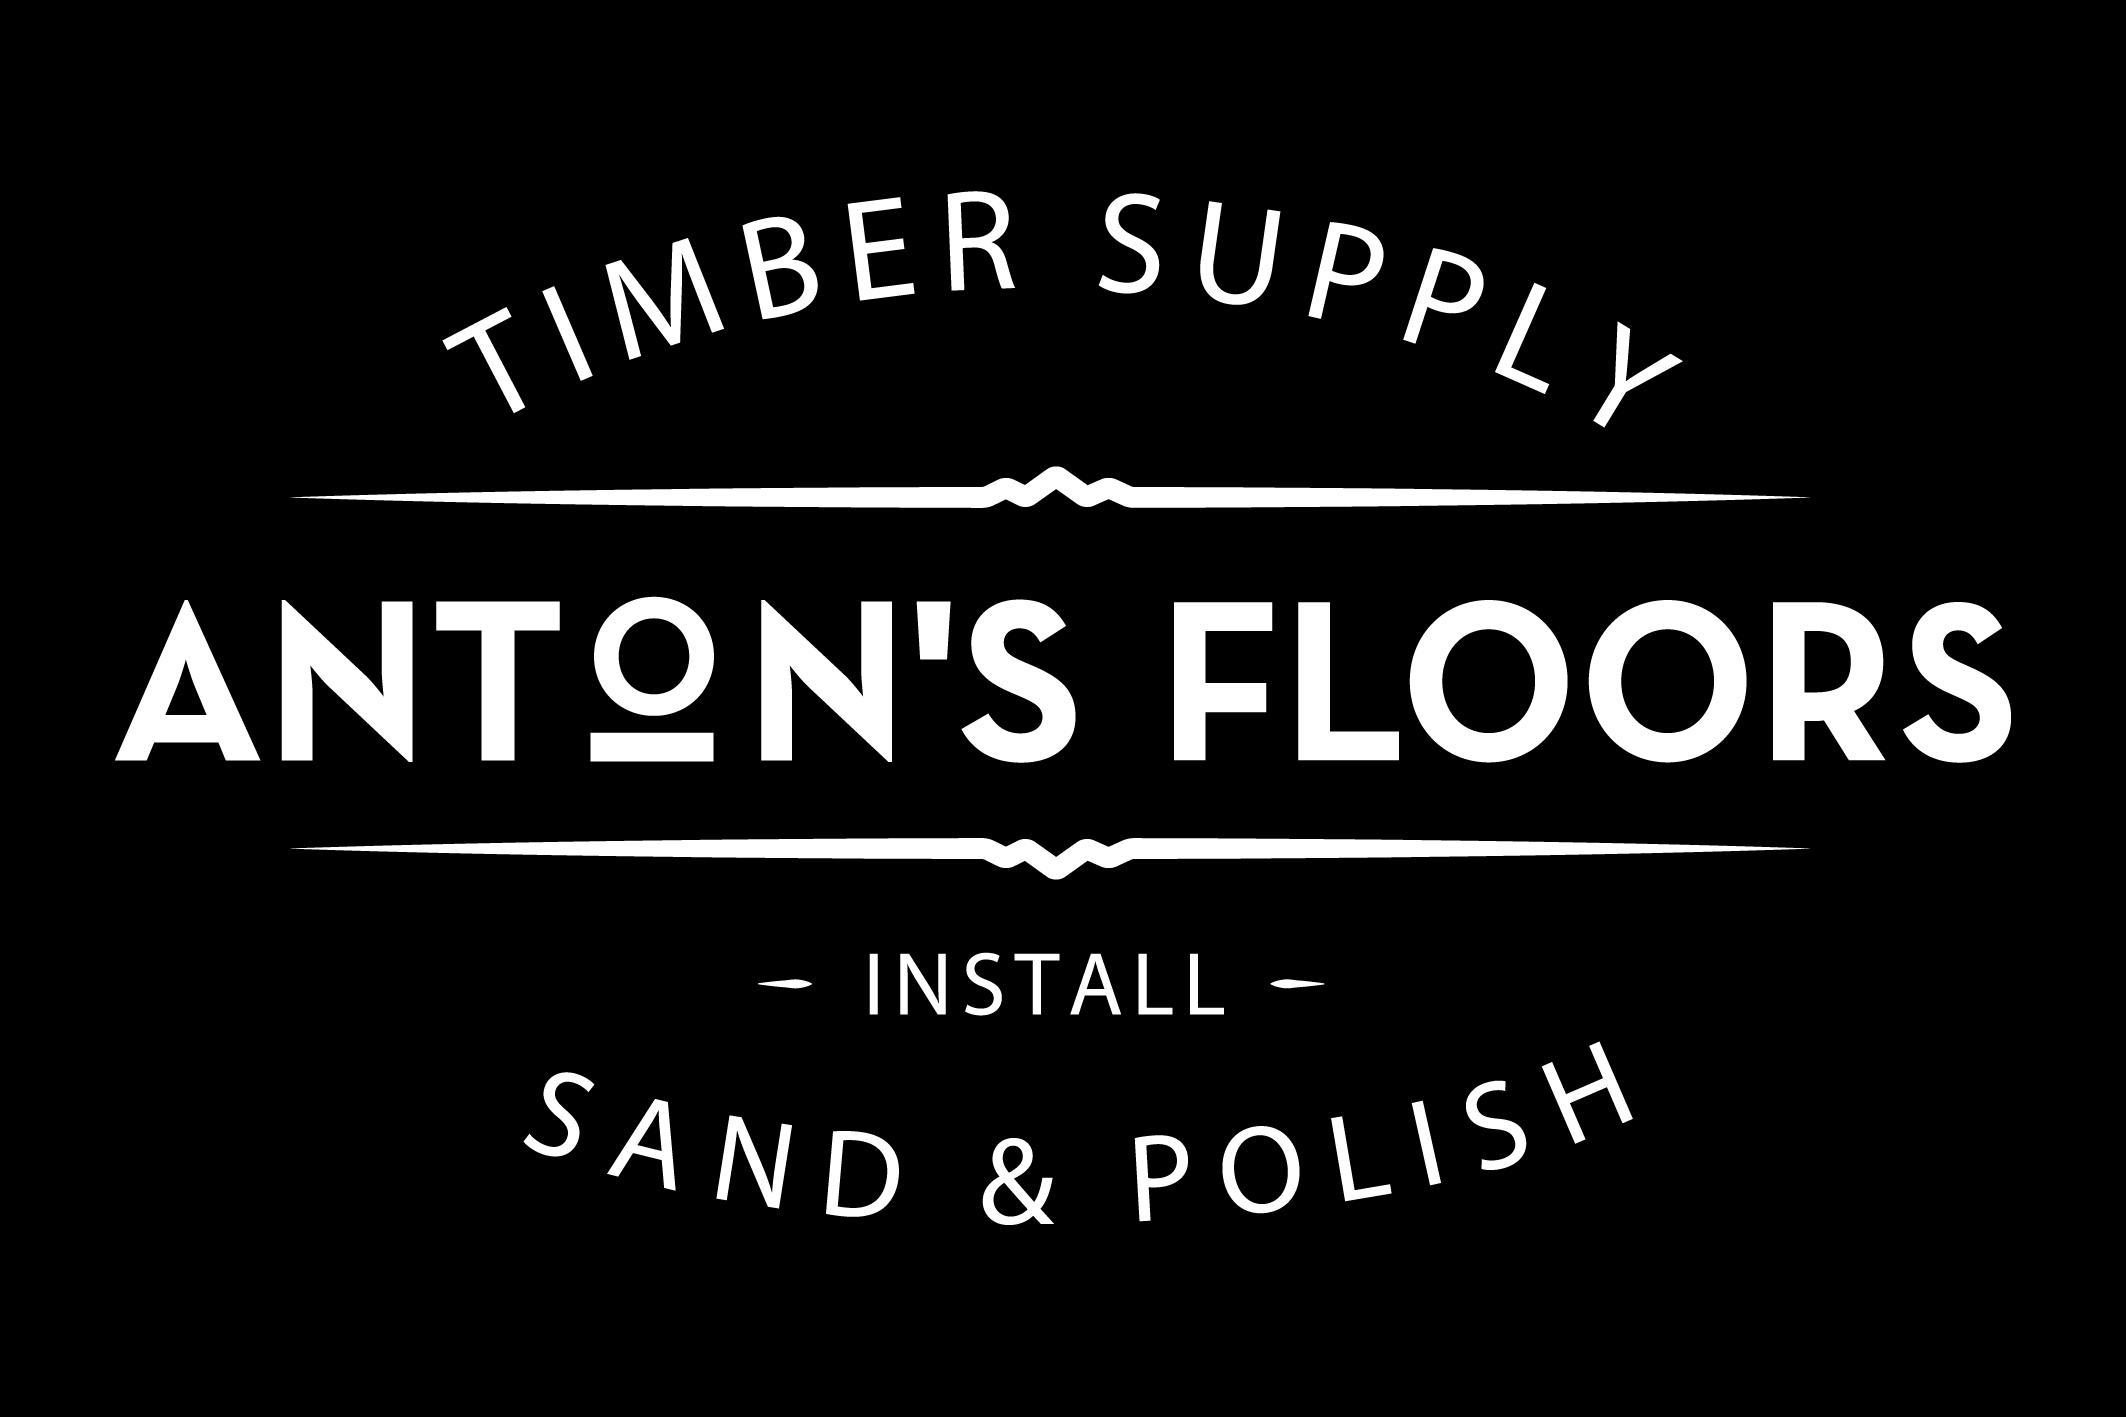 Anton's Floors